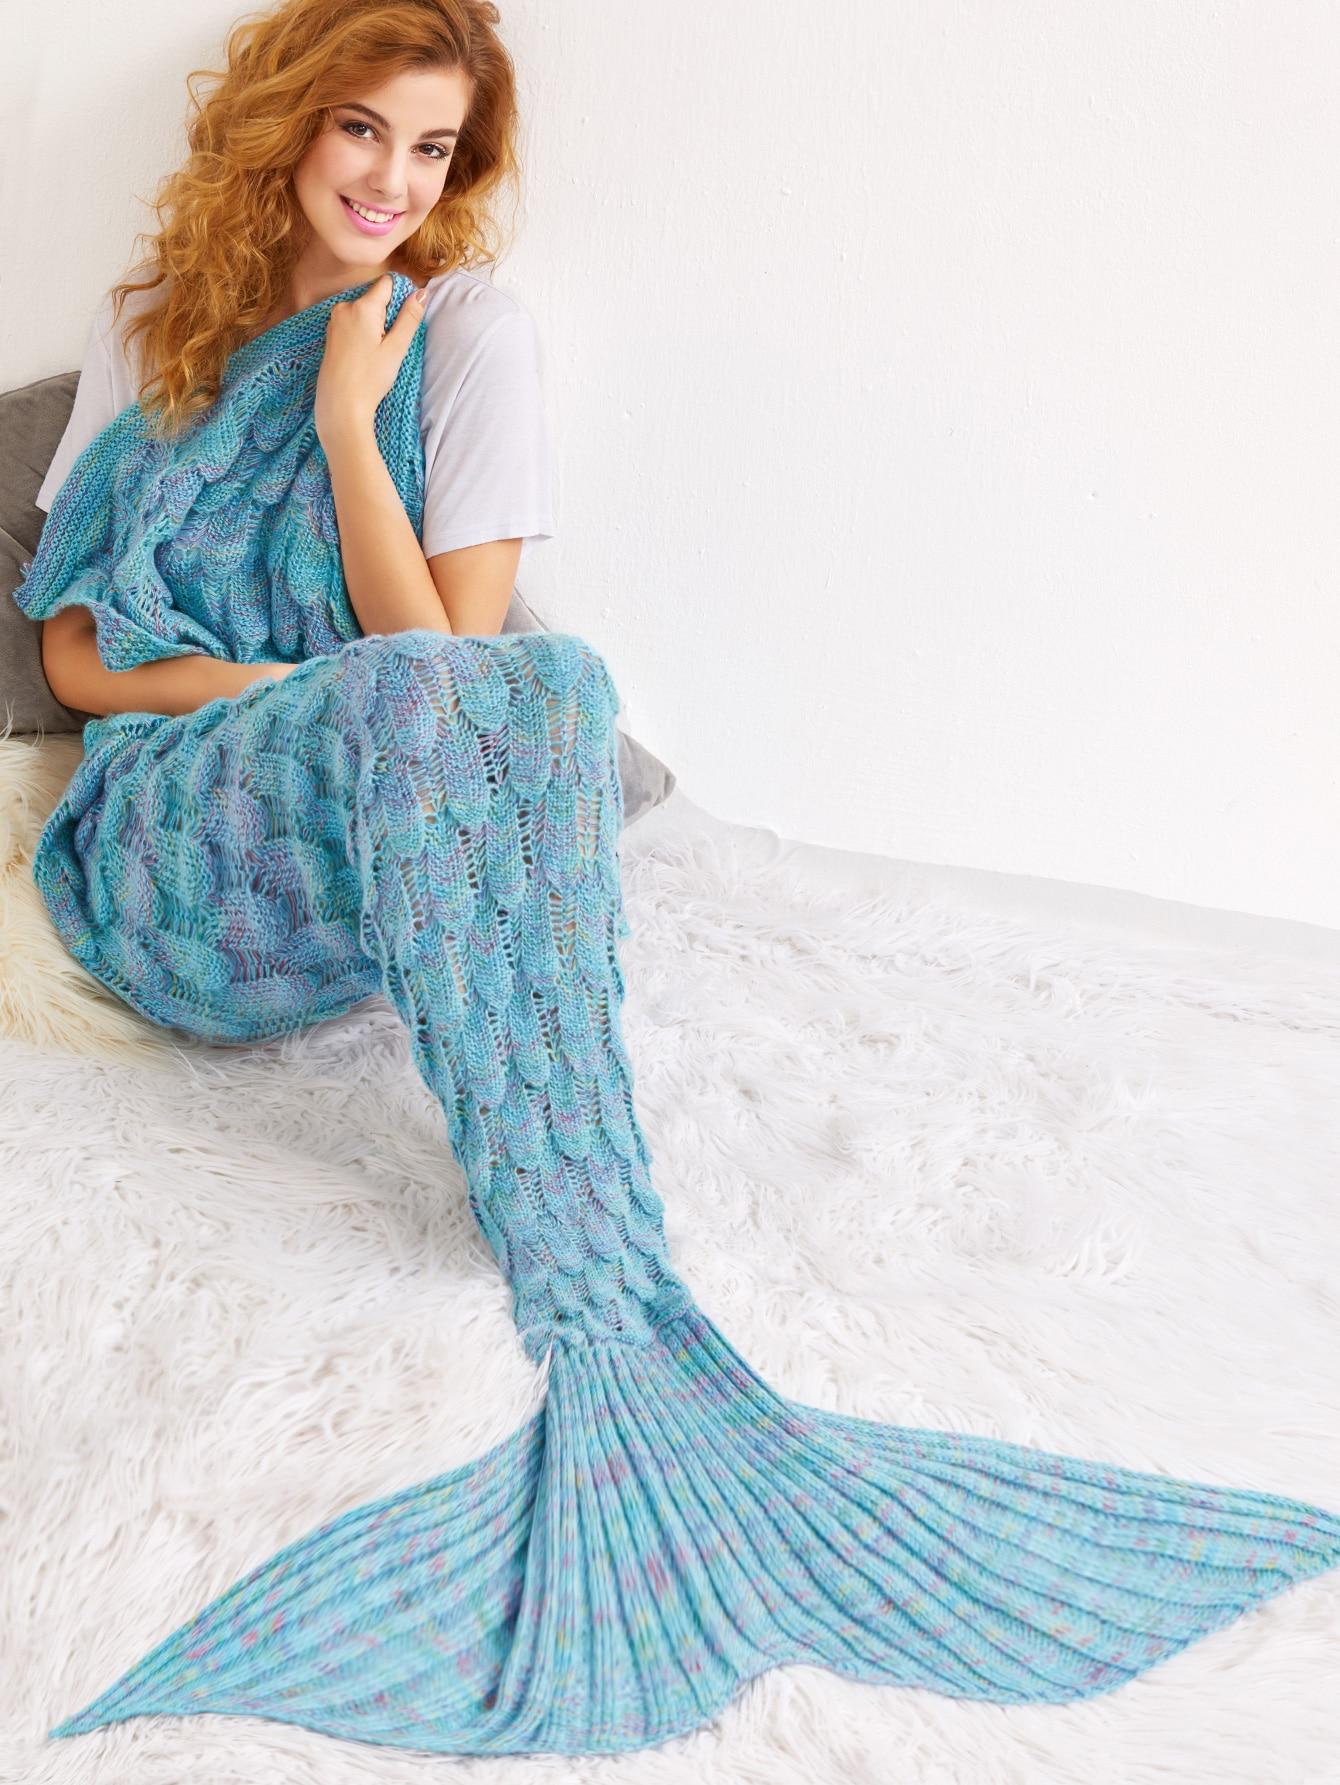 couverture sir ne tricot forme en queue de poisson avec. Black Bedroom Furniture Sets. Home Design Ideas